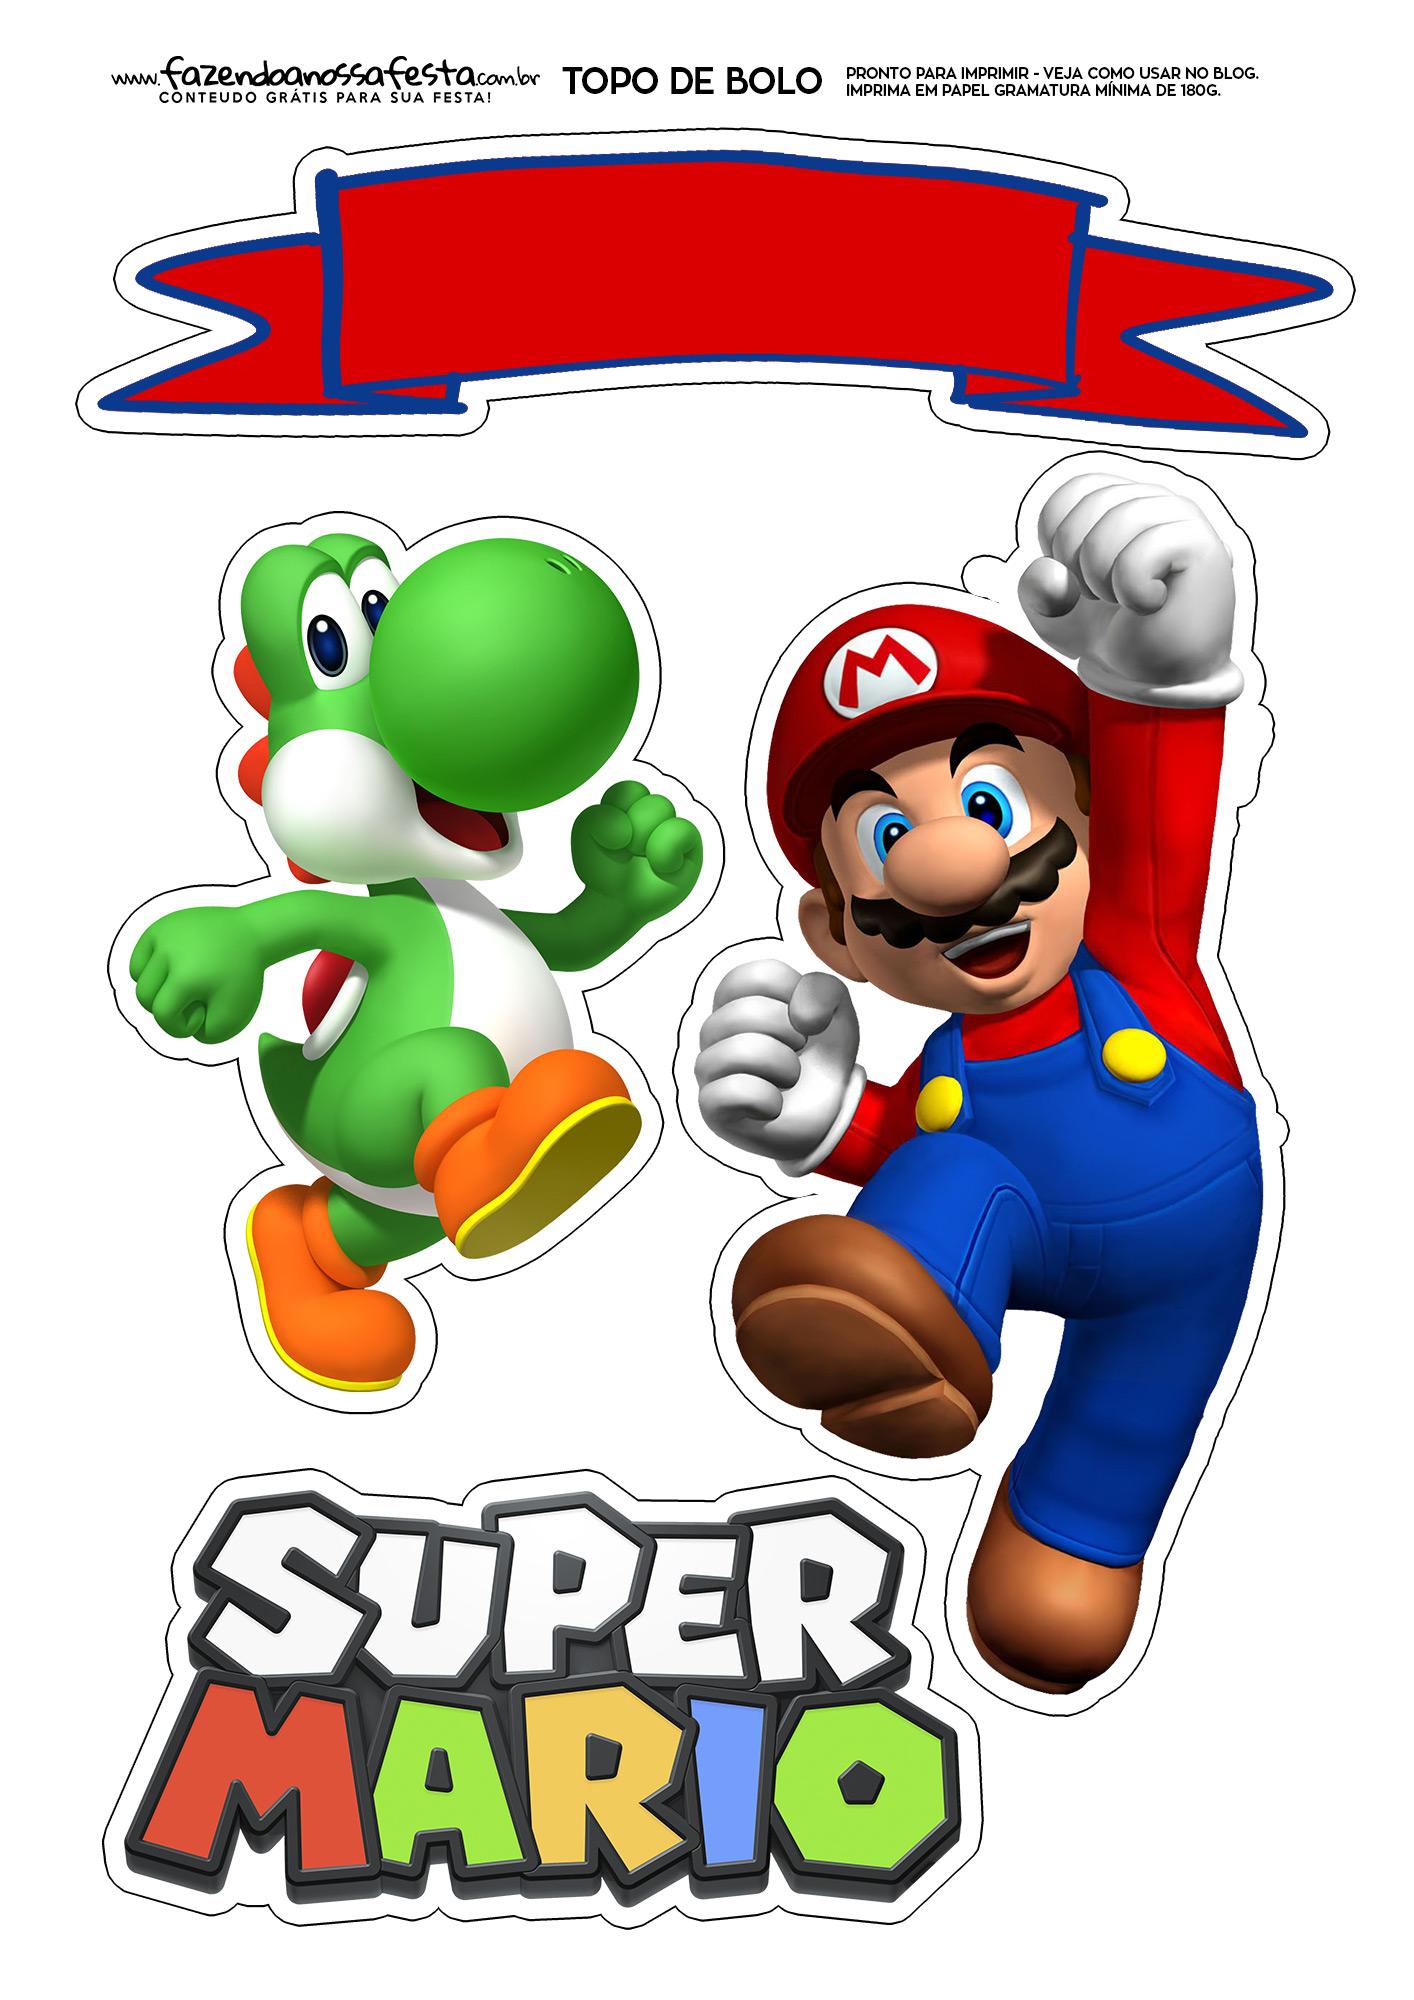 Topo de bolo Super Mario